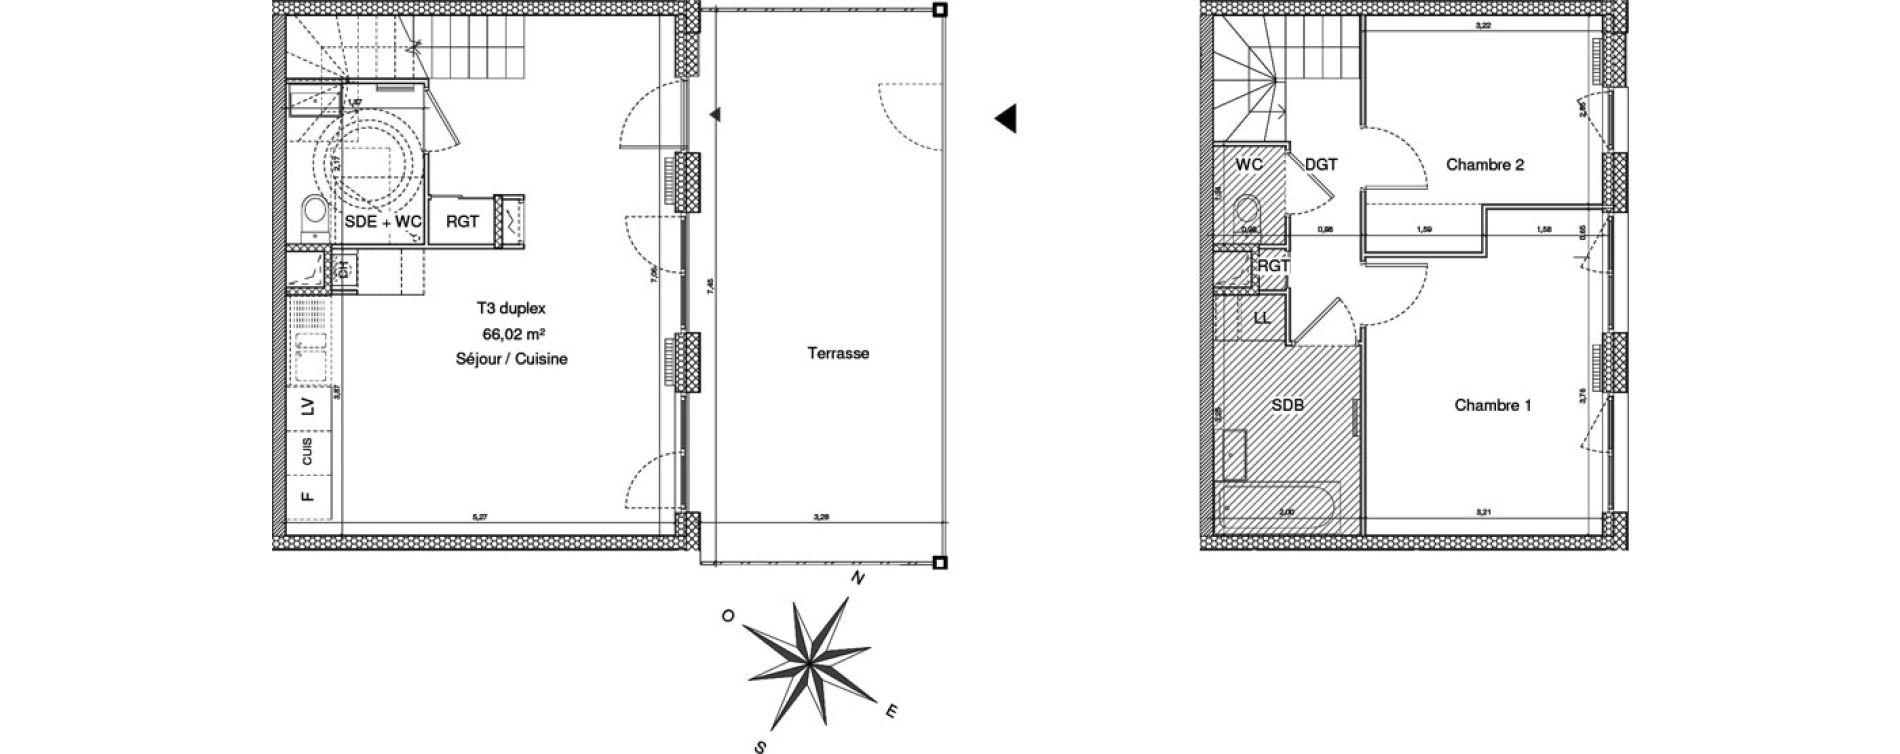 Maison T3 de 66,02 m2 à Clermont-Ferrand Cataroux